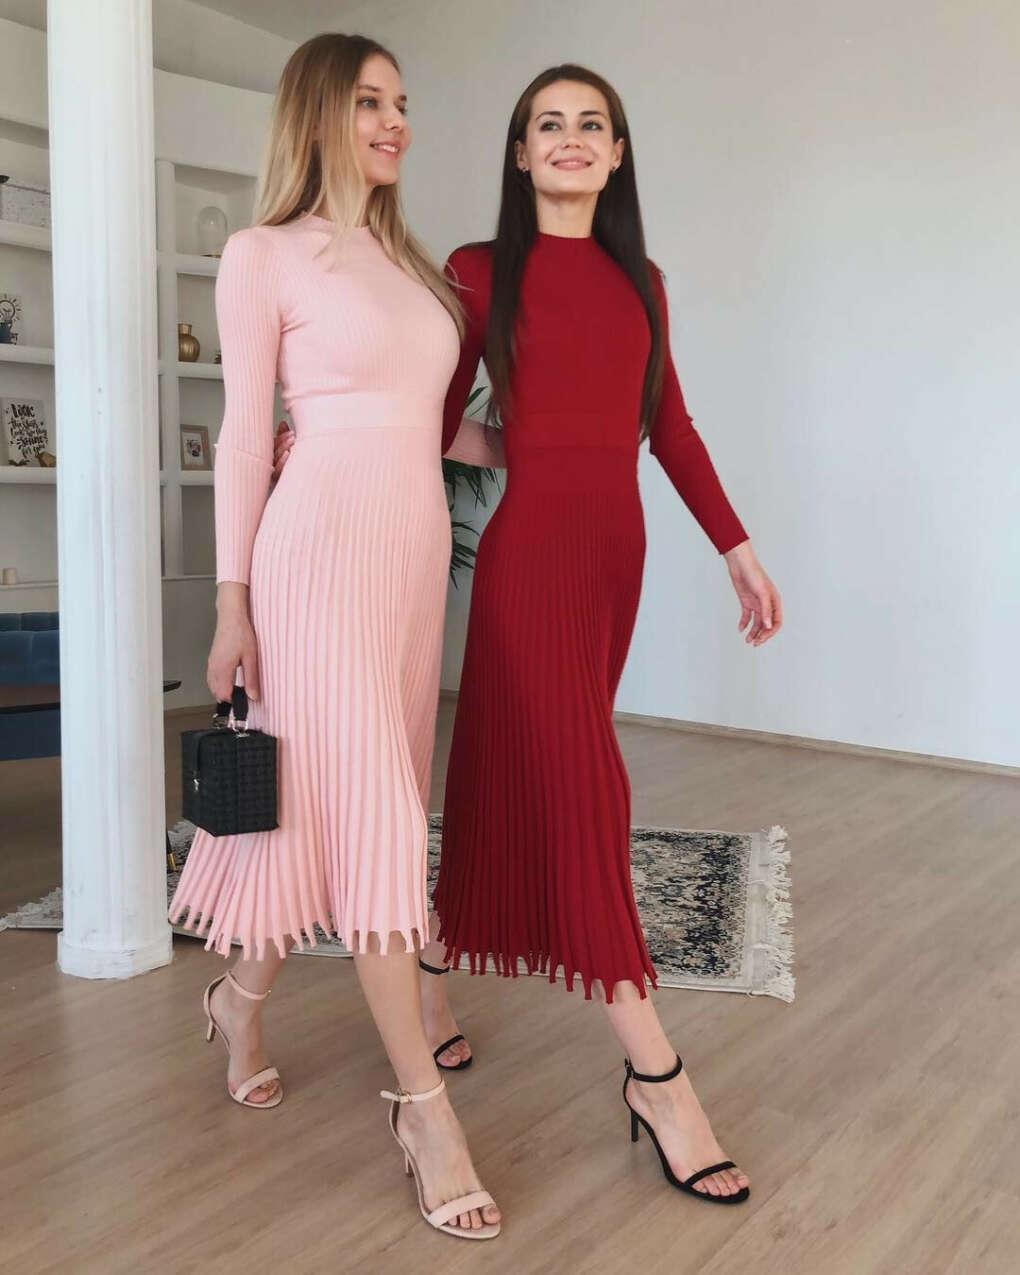 """Магазин женской одежды Москва on Instagram: """"В @to_be_blossom утро начинается красиво????Какой цвет платья нравится больше?????1️⃣Марсала2️⃣Нежно-розовый????????????????????????"""""""